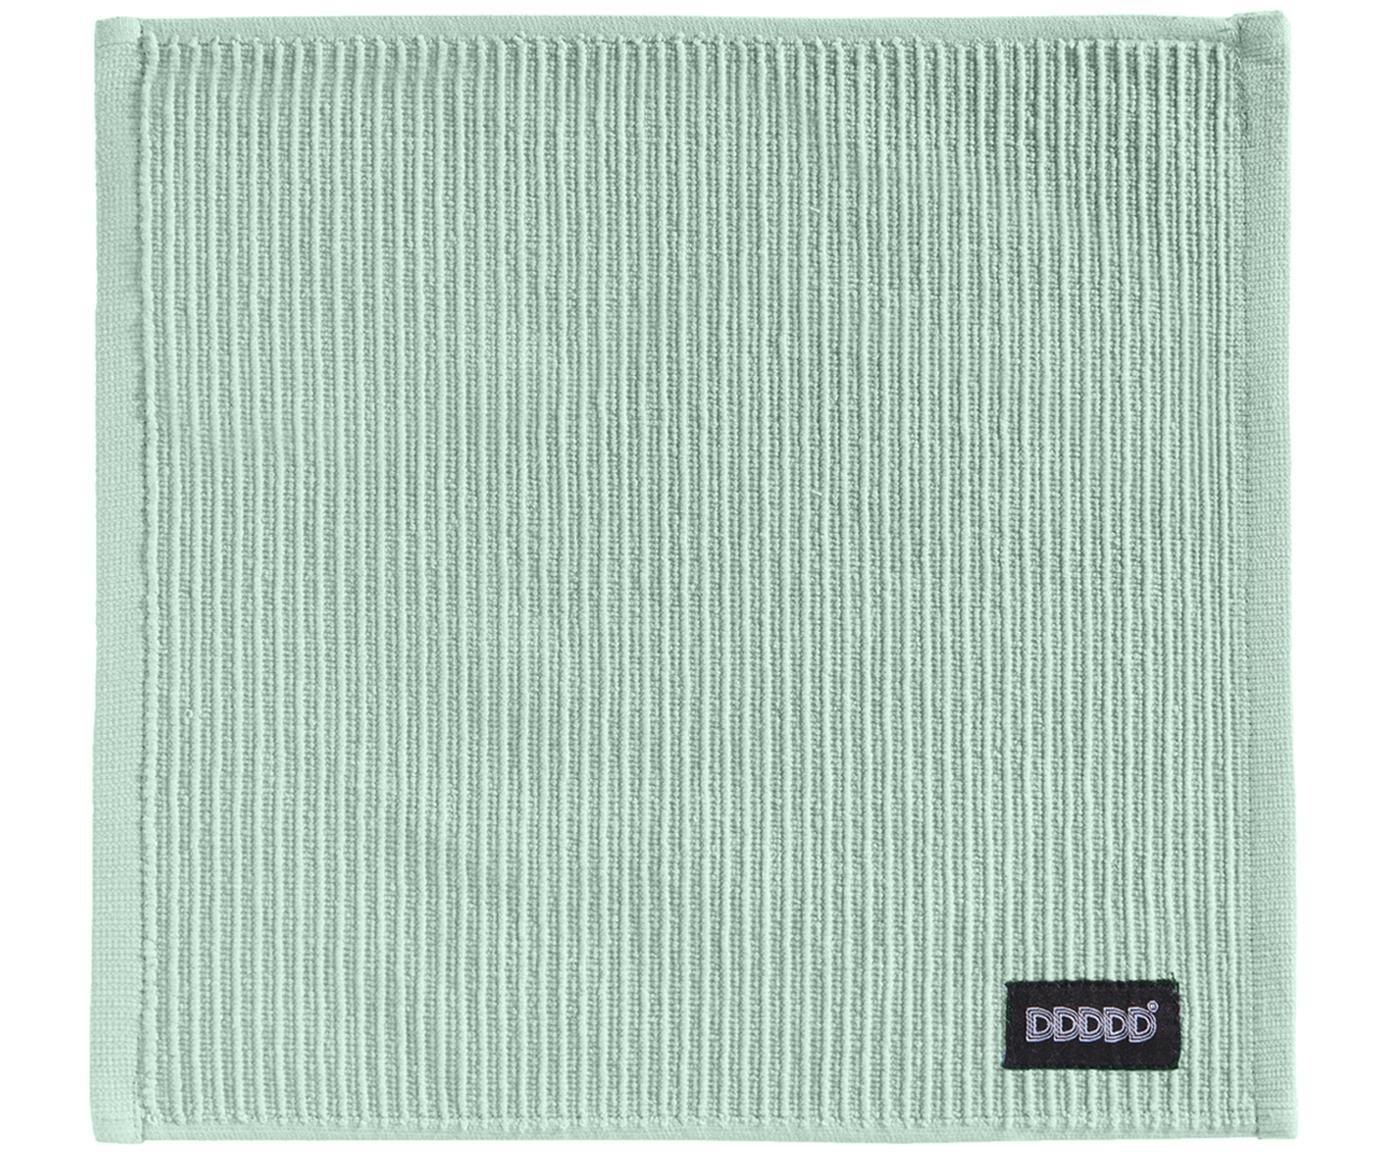 Sponsdoeken Basic Clean, 4 stuks, Katoen, Groen, 30 x 30 cm